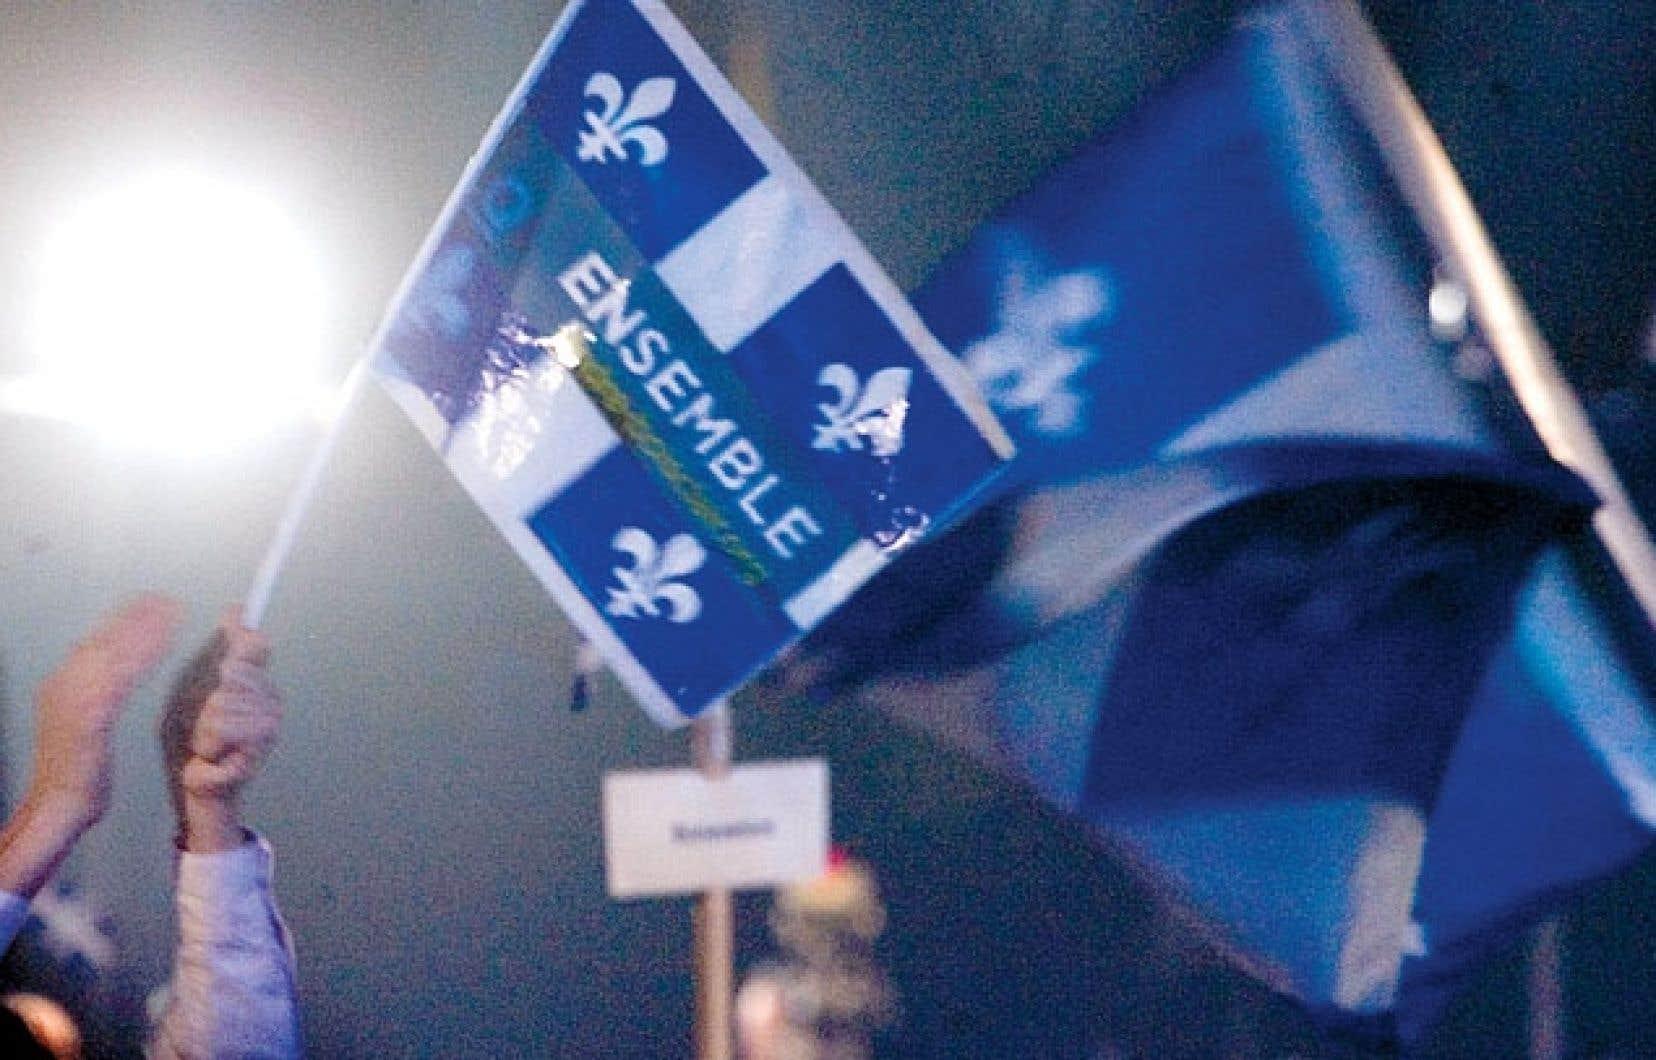 La seule façon pour les indépendantistes de pouvoir sérieusement envisager l'indépendance du Québec est d'abord de se réunir. Est-ce nécessaire pour autant de nous ressembler ? Non. Mais de se respecter ? Si.